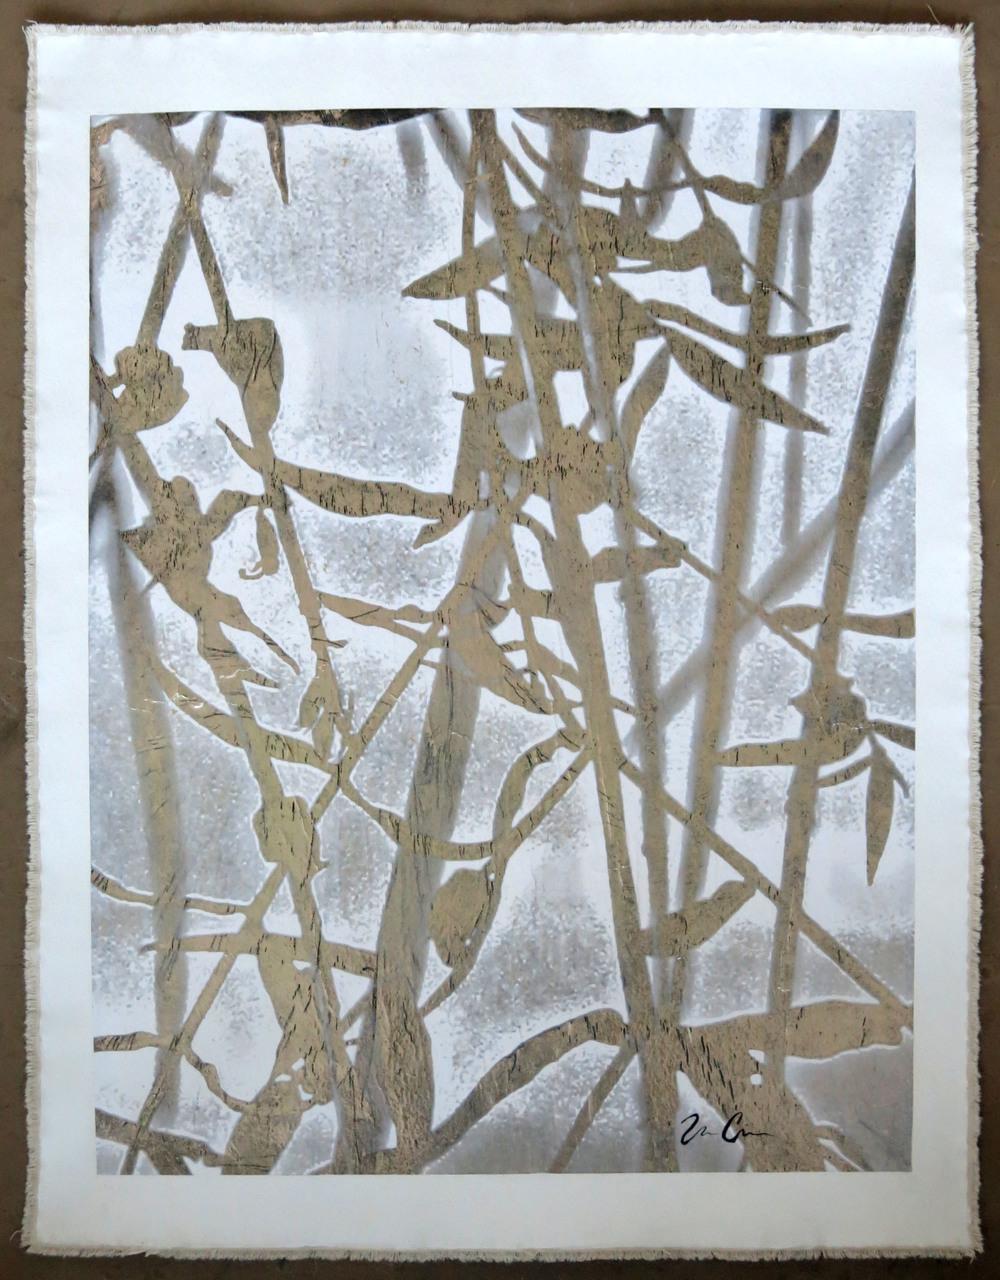 Hudson Reeds